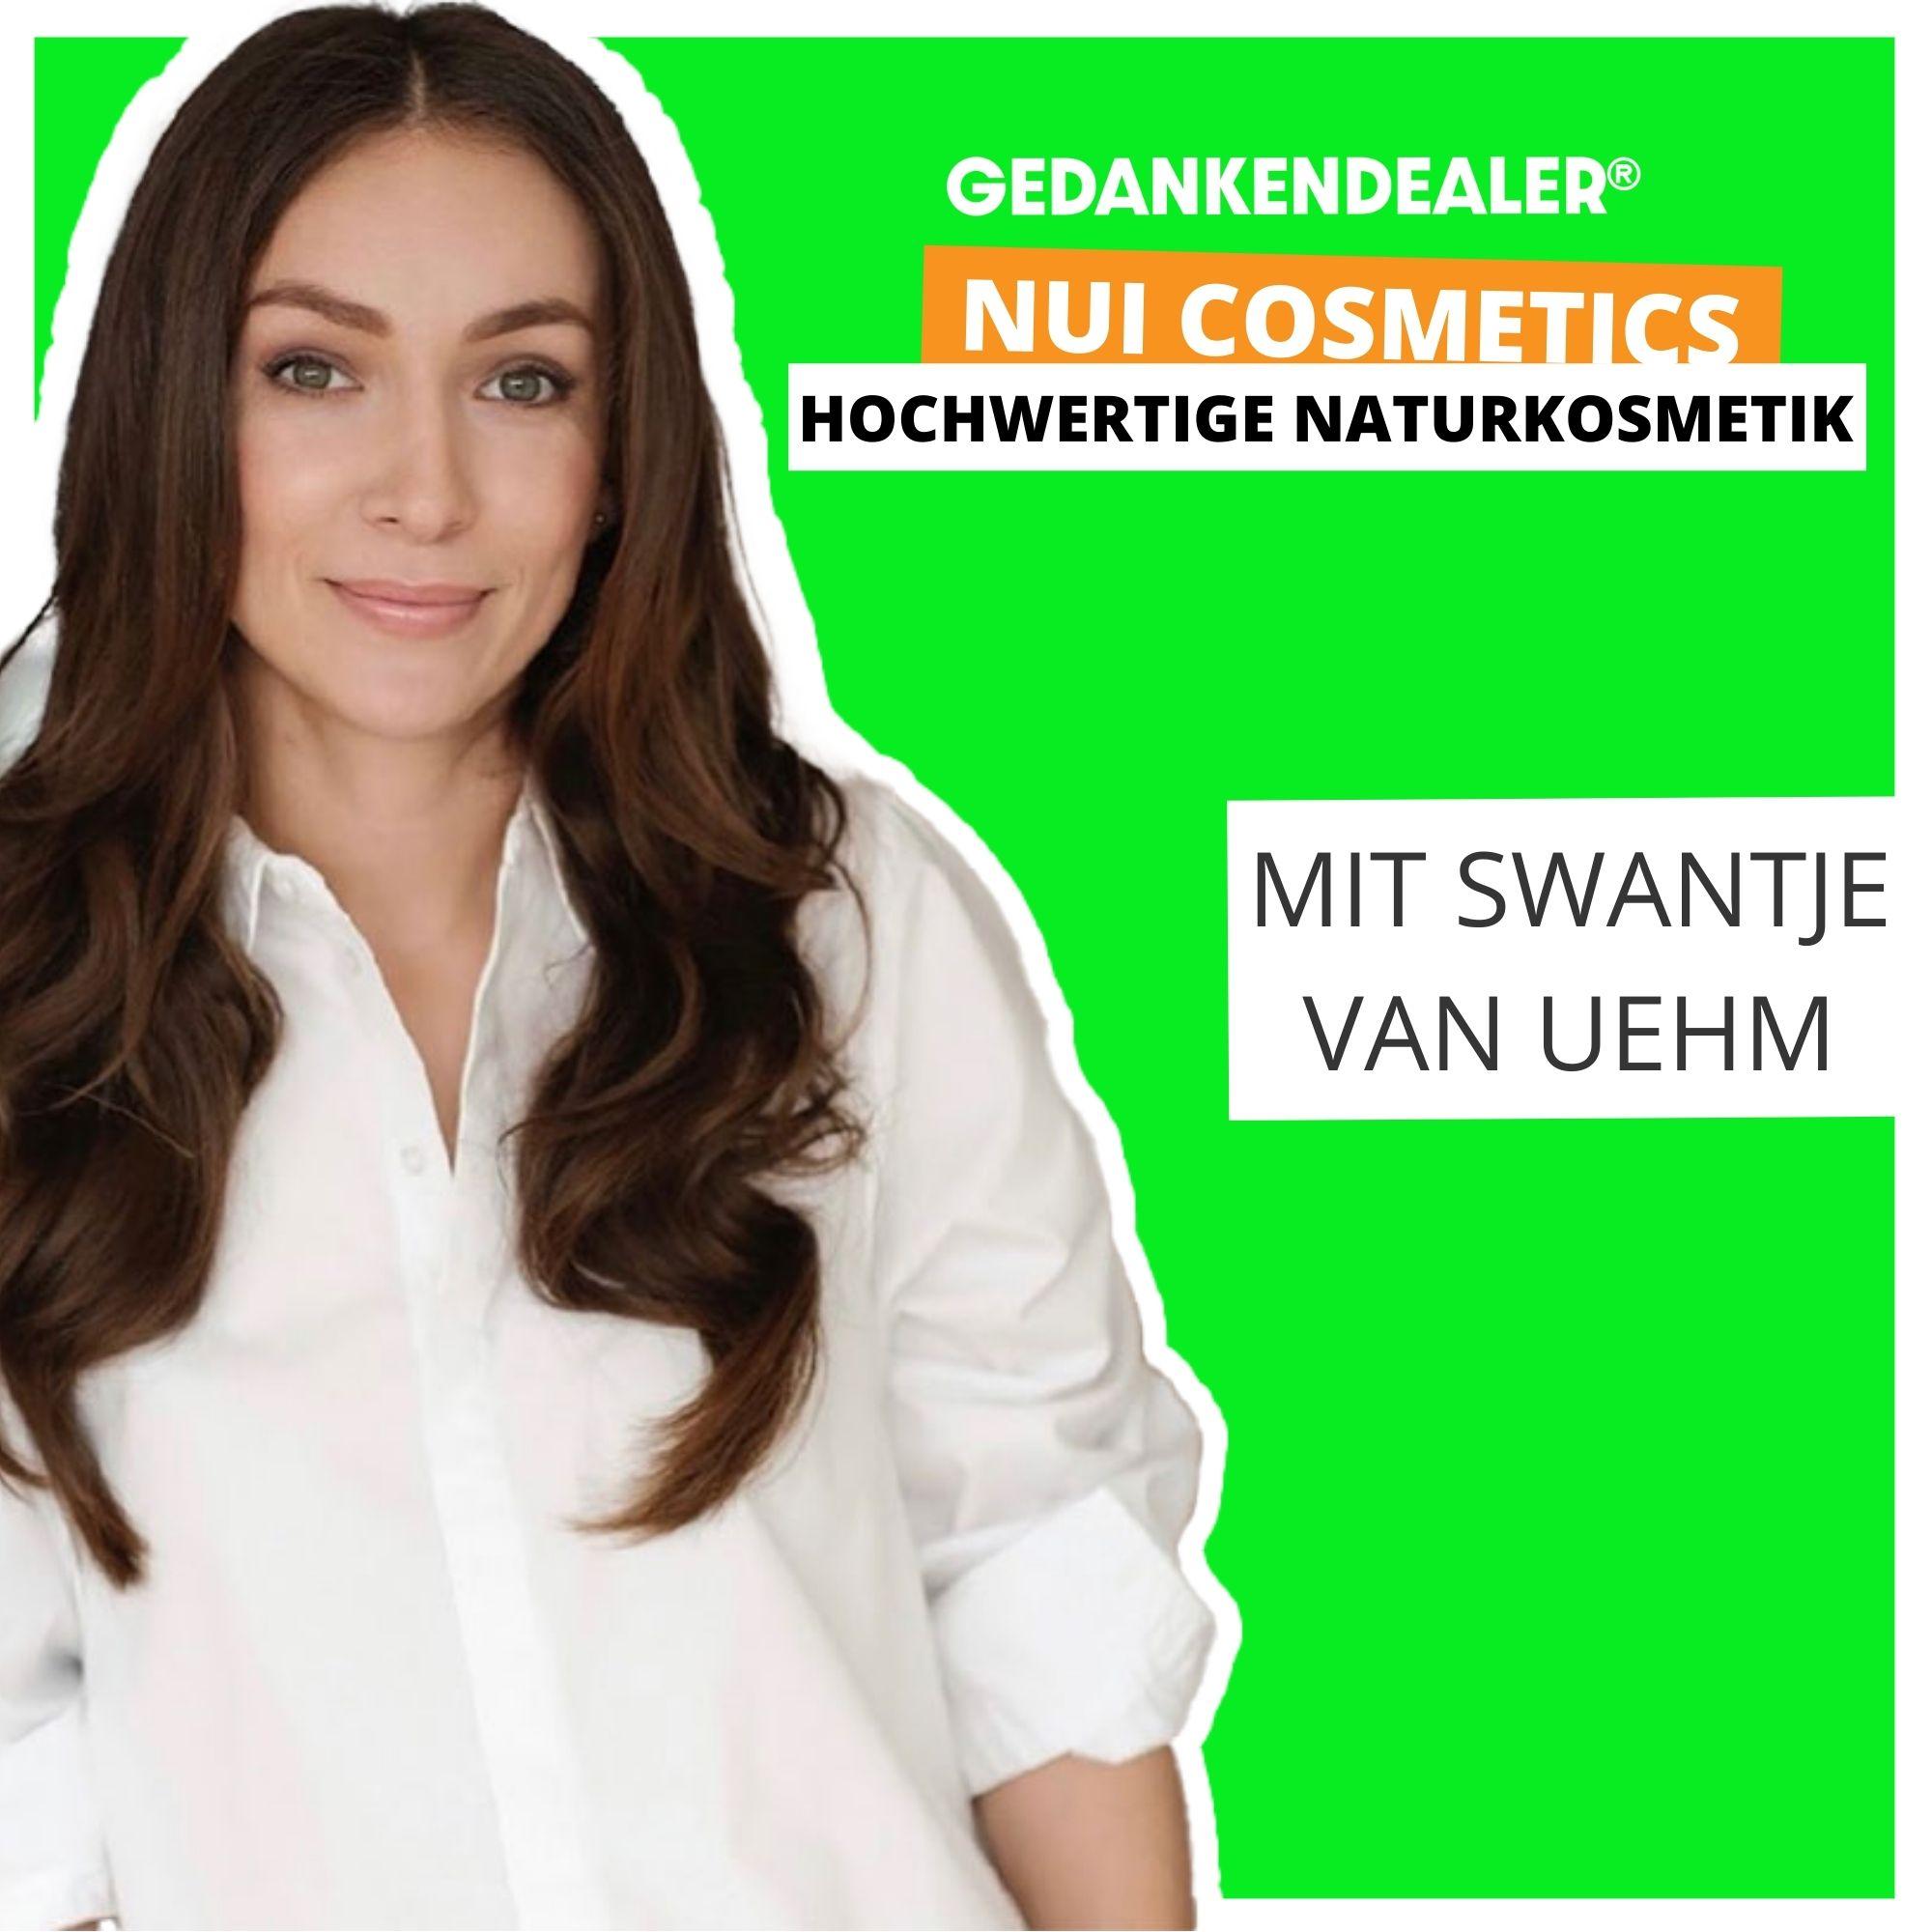 NUI Cosmetics - hochwertige Naturkosmetik! Im Talk mit Swantje van Uehm